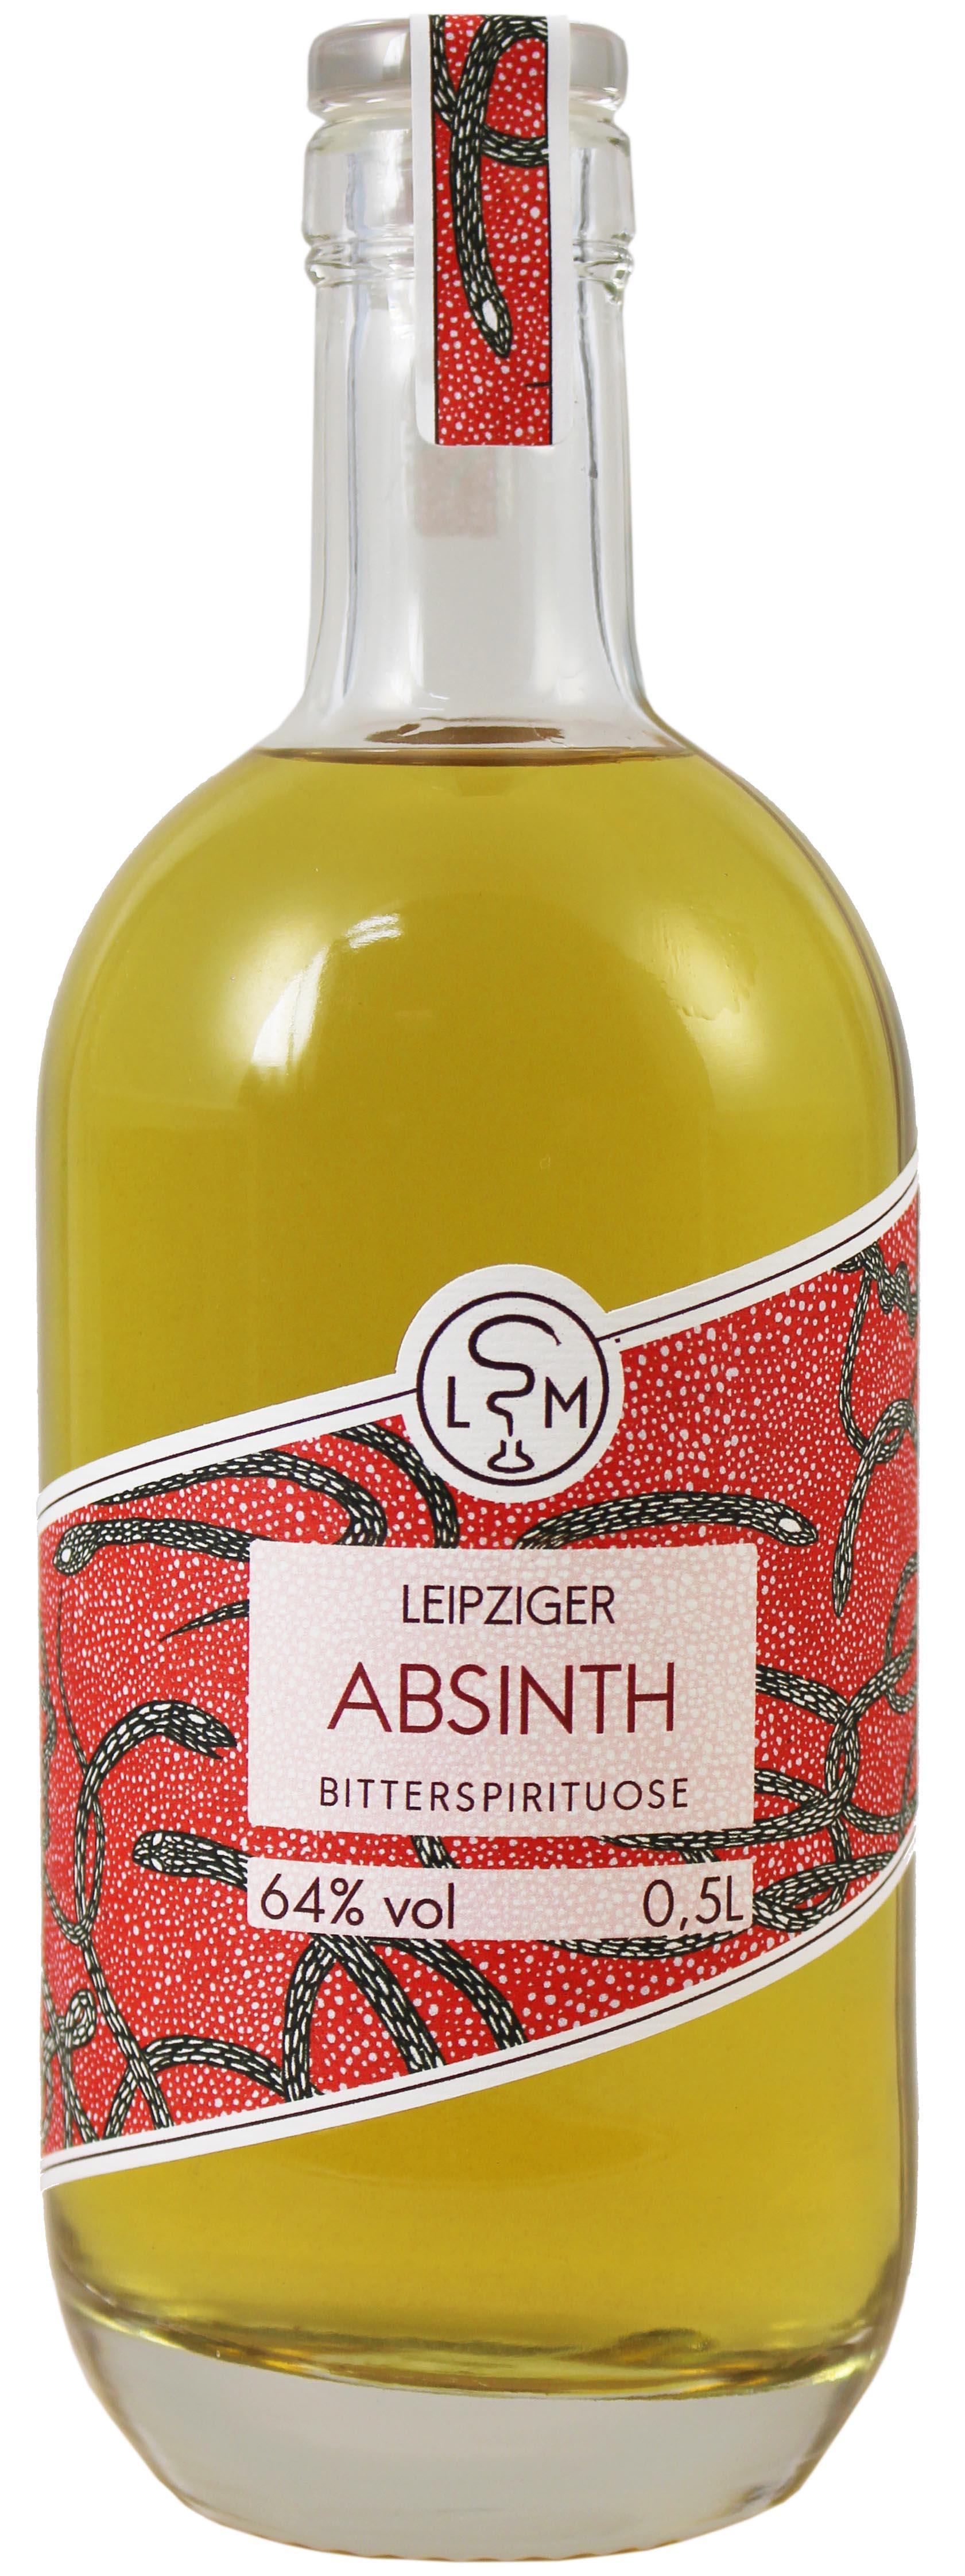 Absinth - 64% Vol.  0,50 l - Leipziger Spirituosen Manufaktur